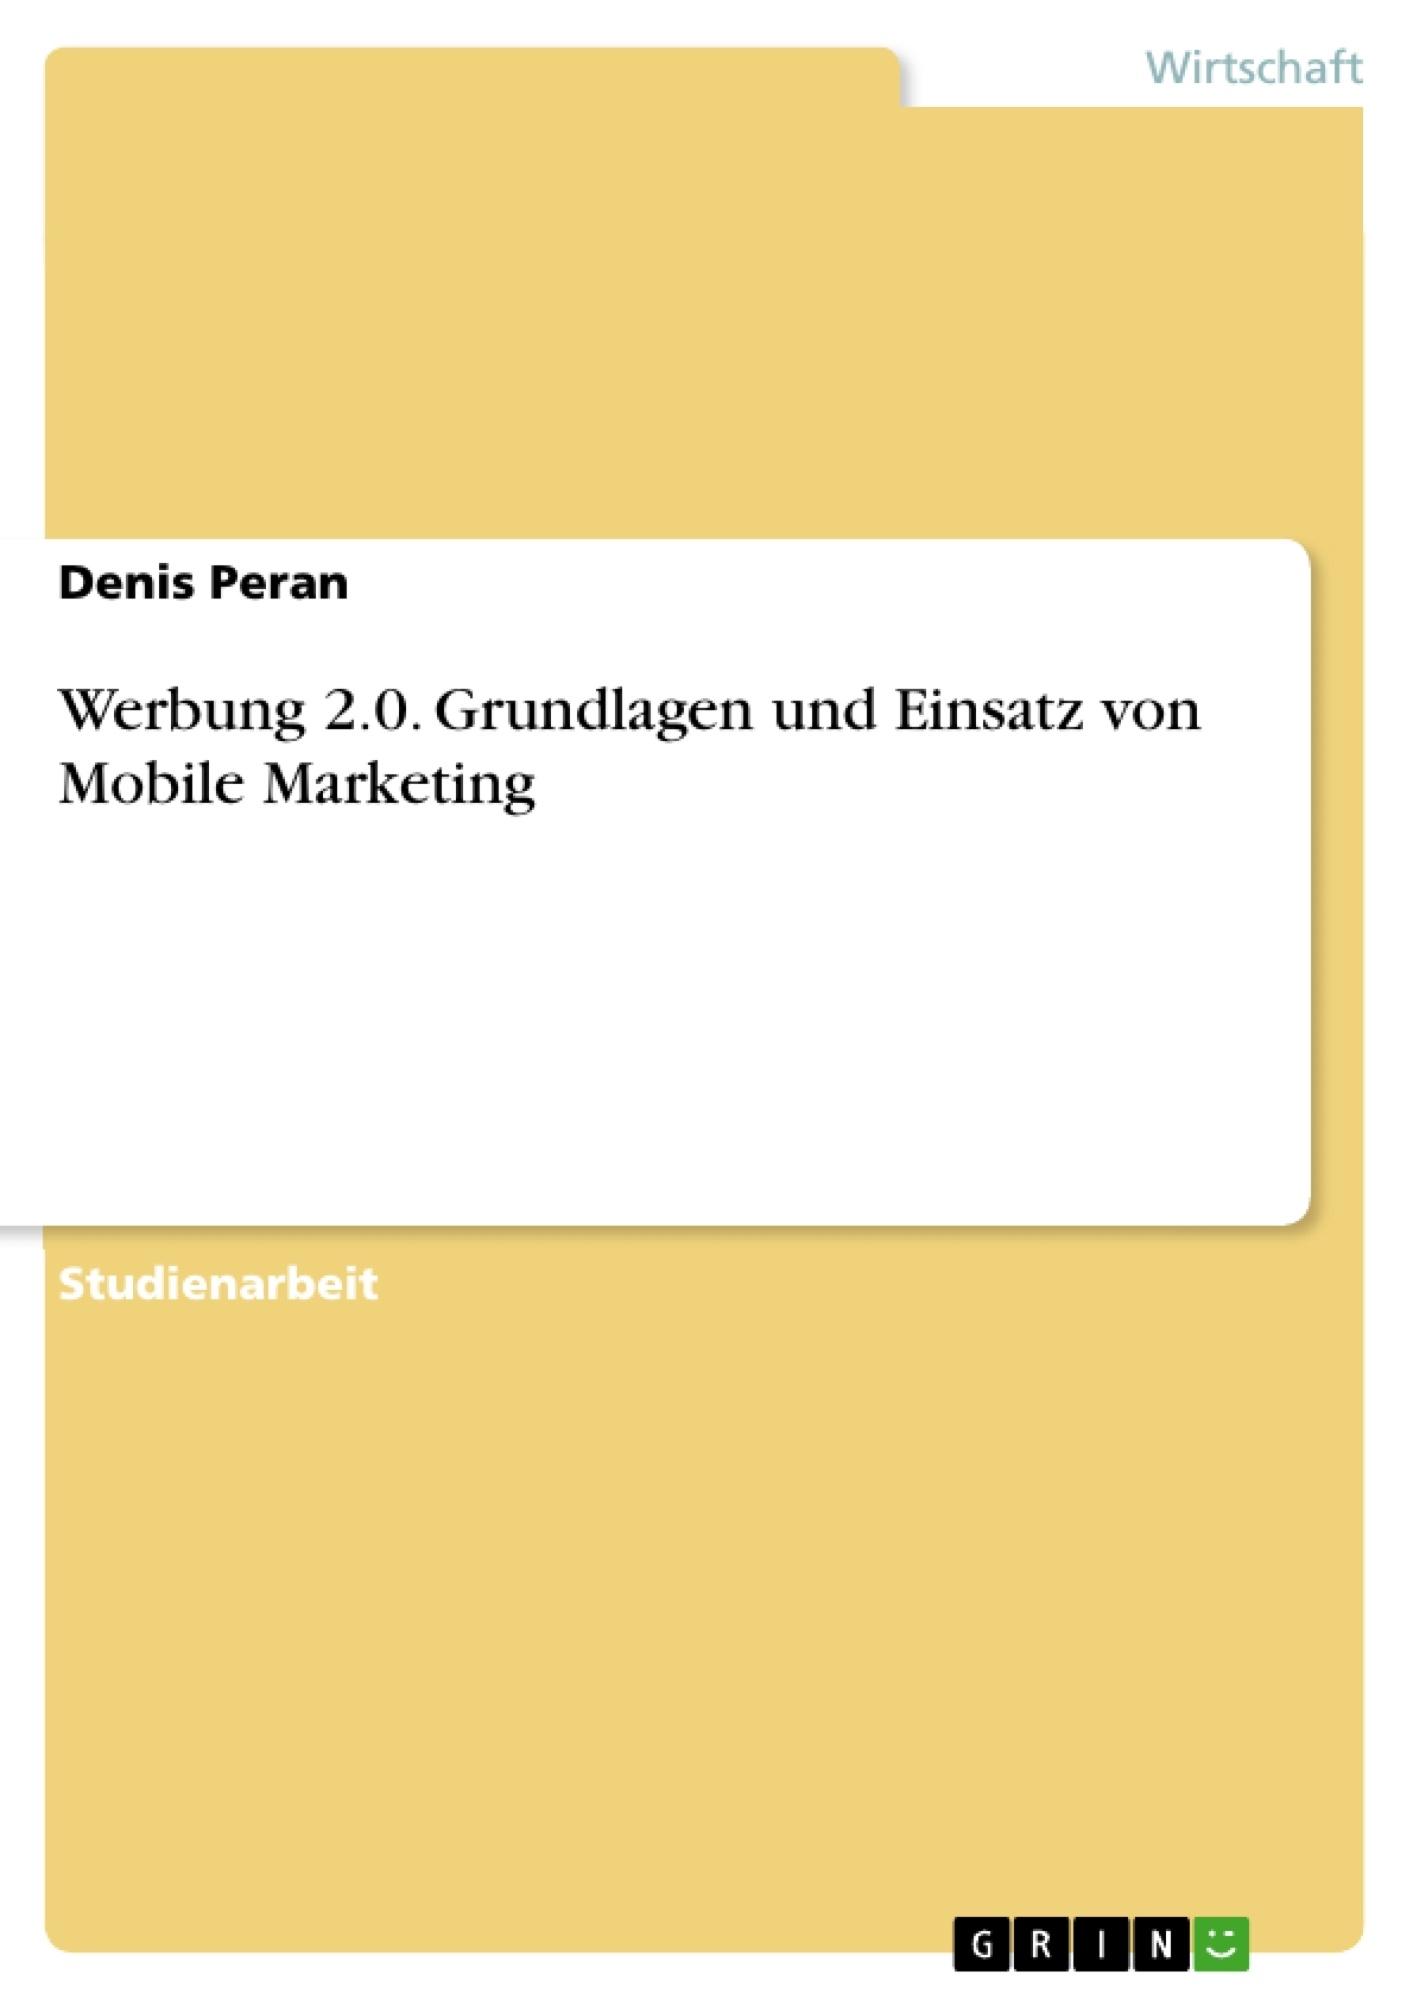 Titel: Werbung 2.0. Grundlagen und Einsatz von Mobile Marketing